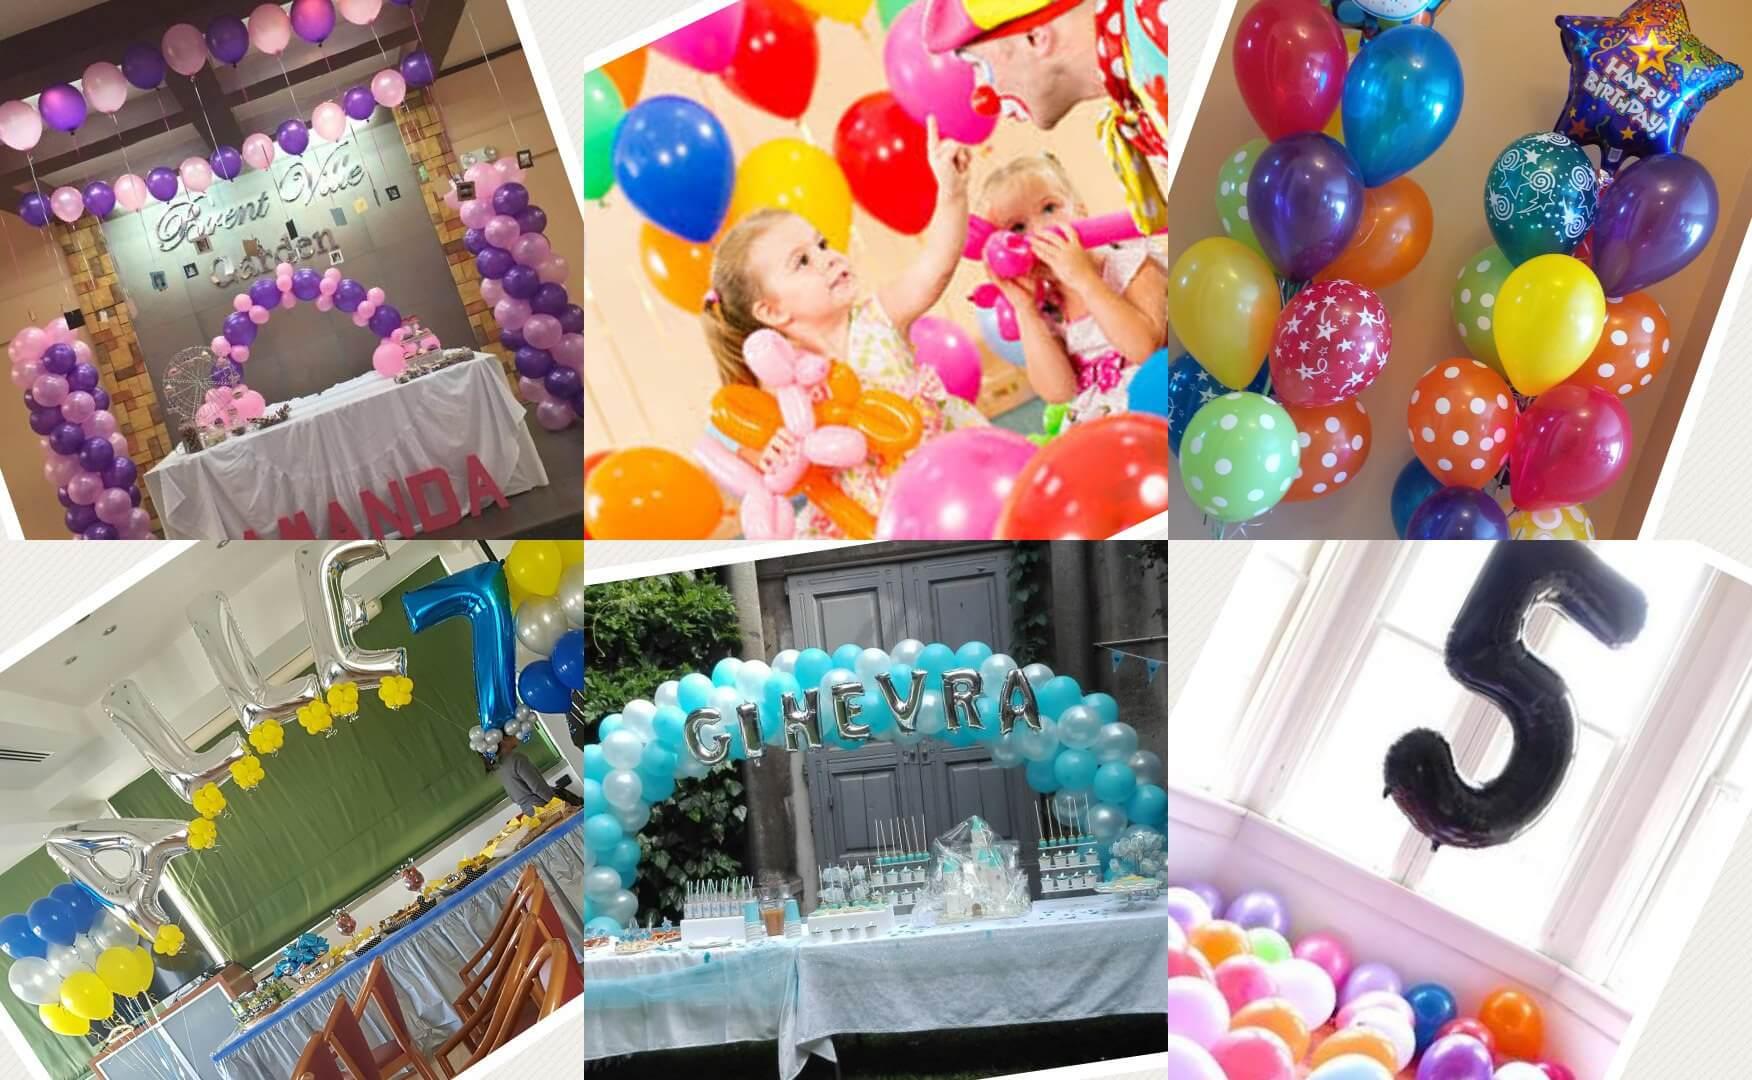 Decorazioni Per Feste Di Compleanno Roma : Arcobaleno di palloncini fai da te party time rainbow